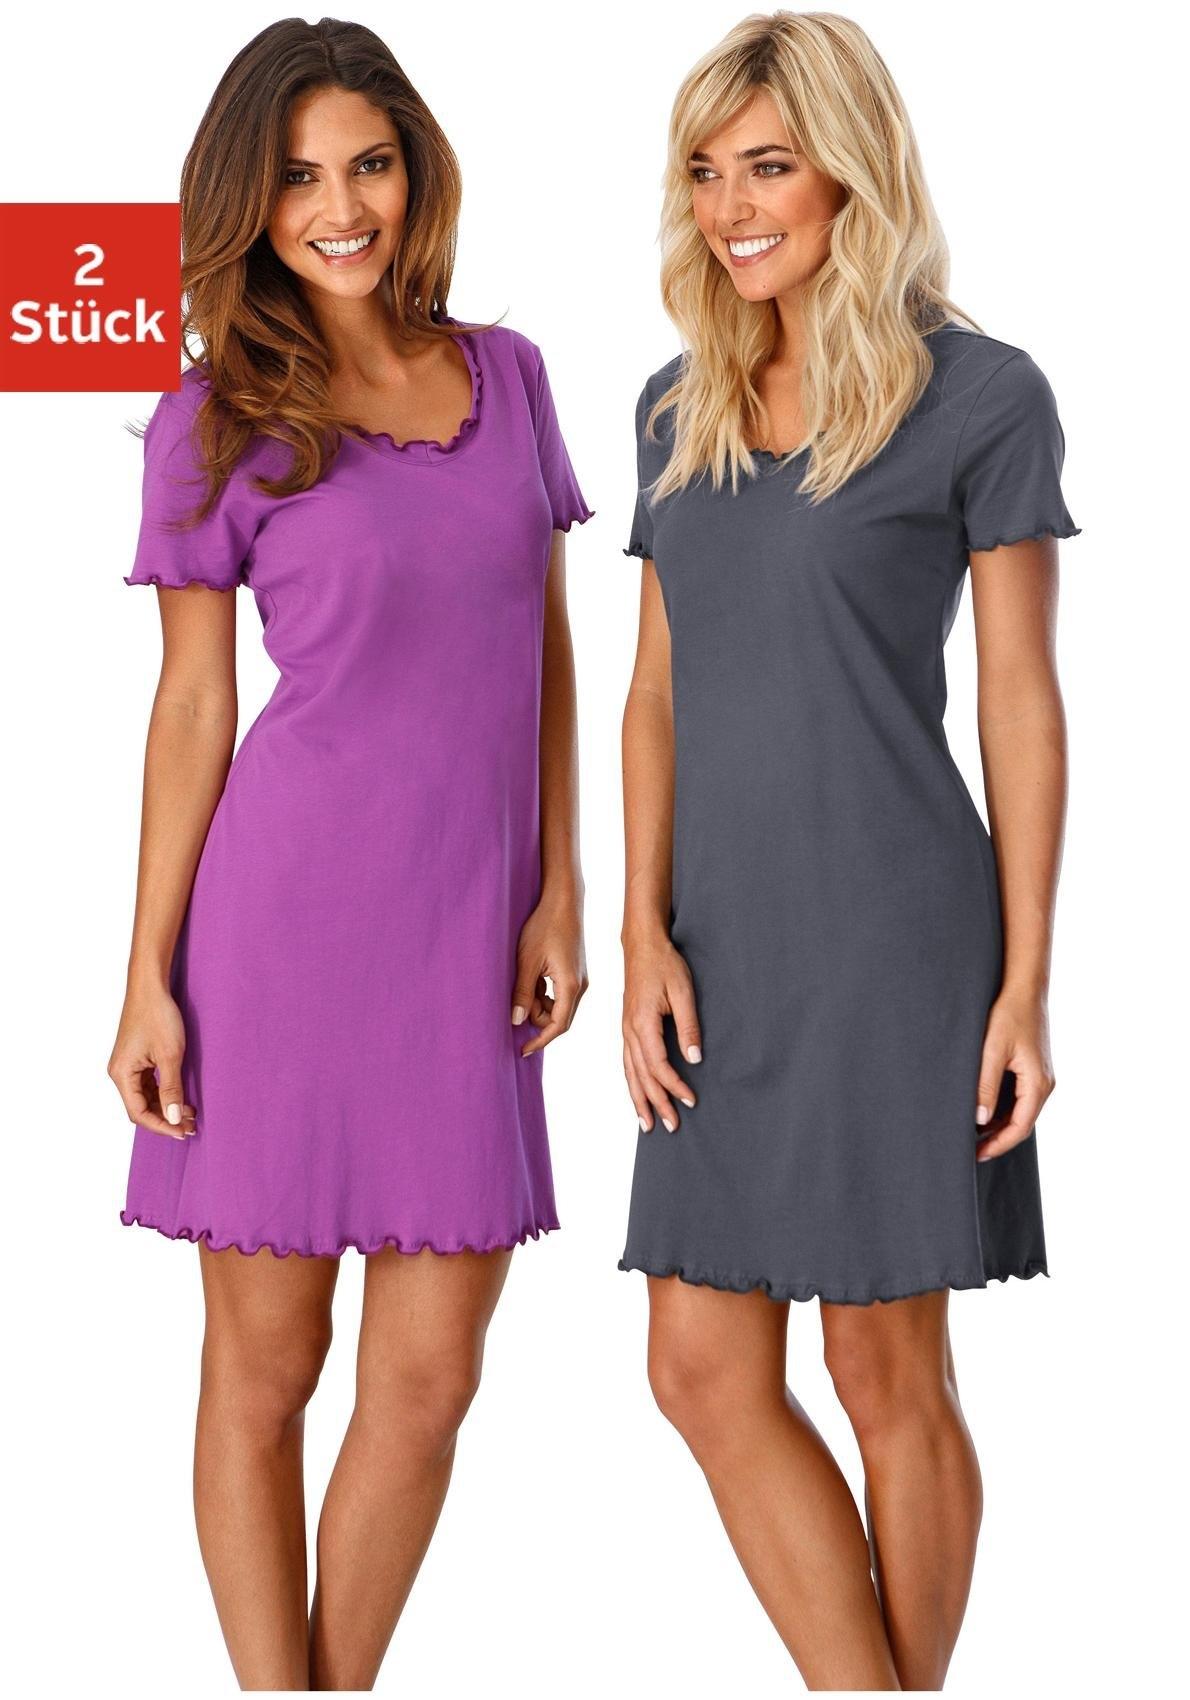 Vivance Collection Nachthemd, Vivance, set van 2 bestellen: 14 dagen bedenktijd